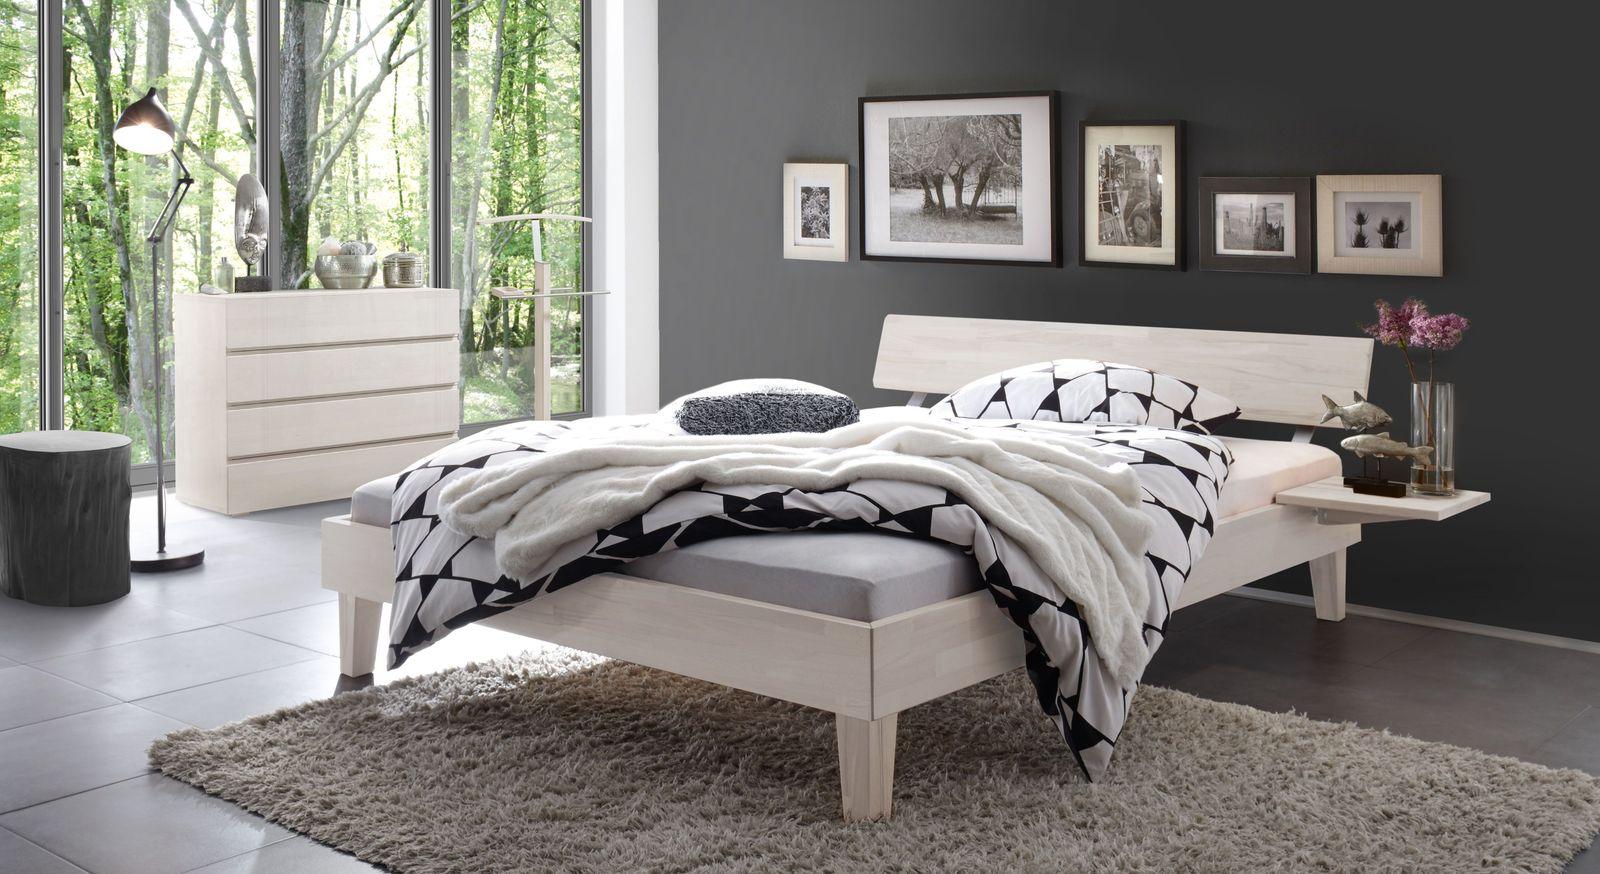 Bett Teramo mit passenden Schlafzimmer-Accessoires